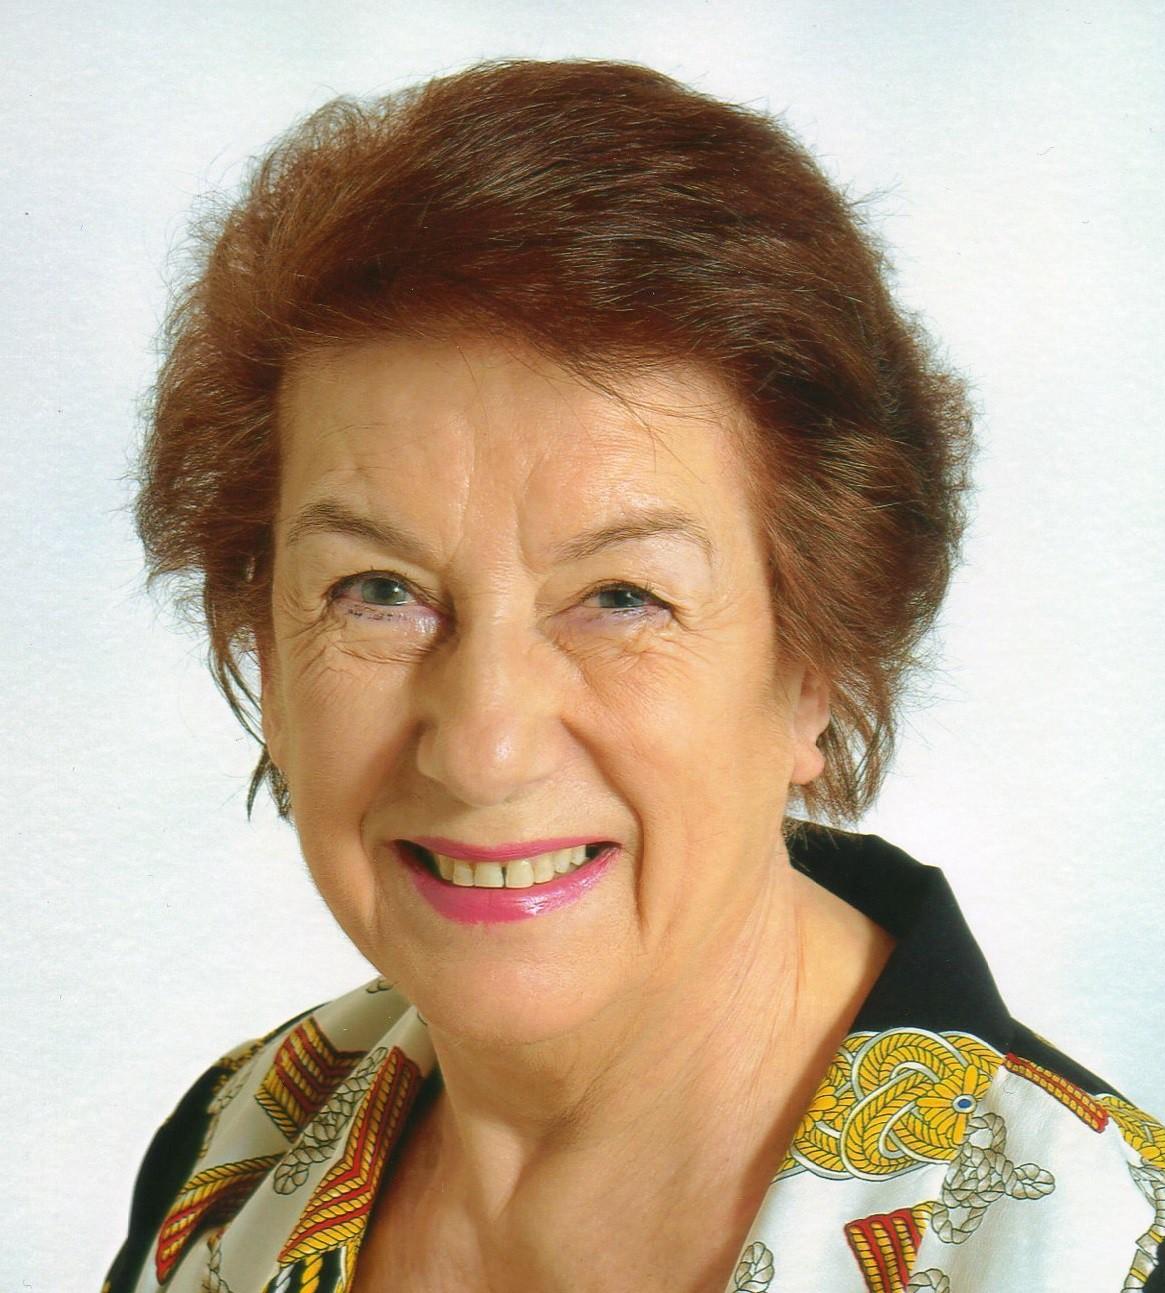 Lilia Wojcik